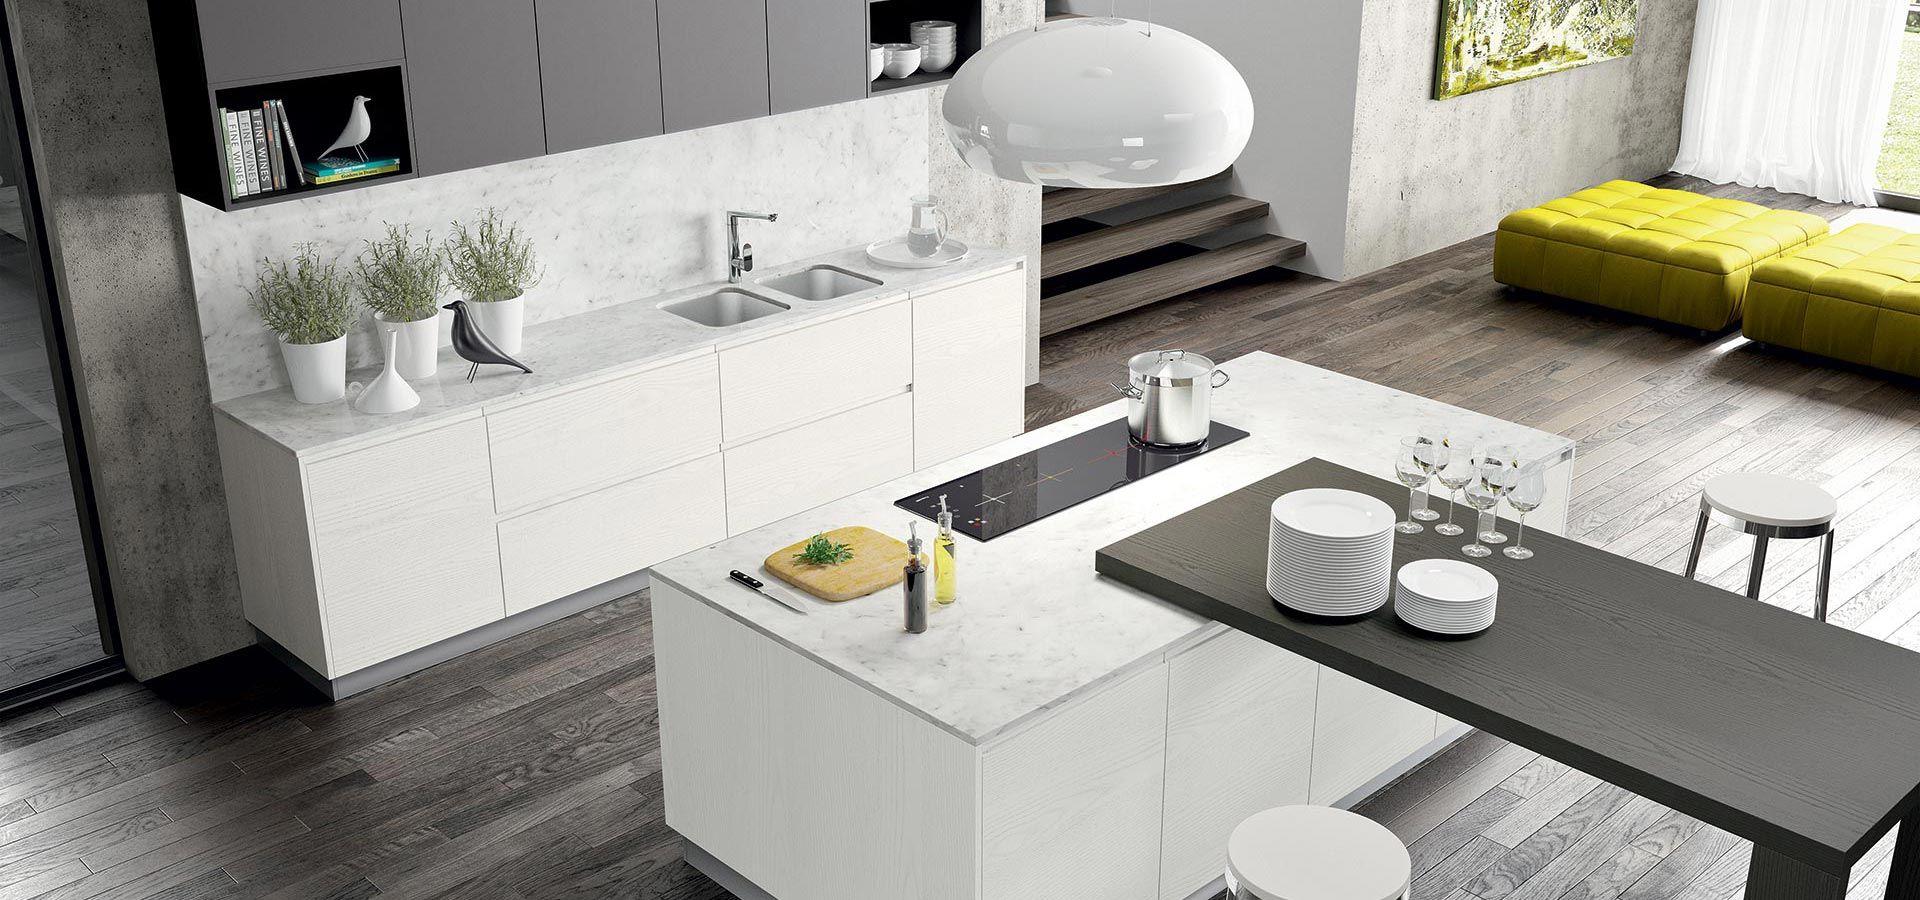 Cucina moderna wega finitura laccato a poro aperto e laccato vulcano opaco piano in marmo di - Cucine in marmo ...